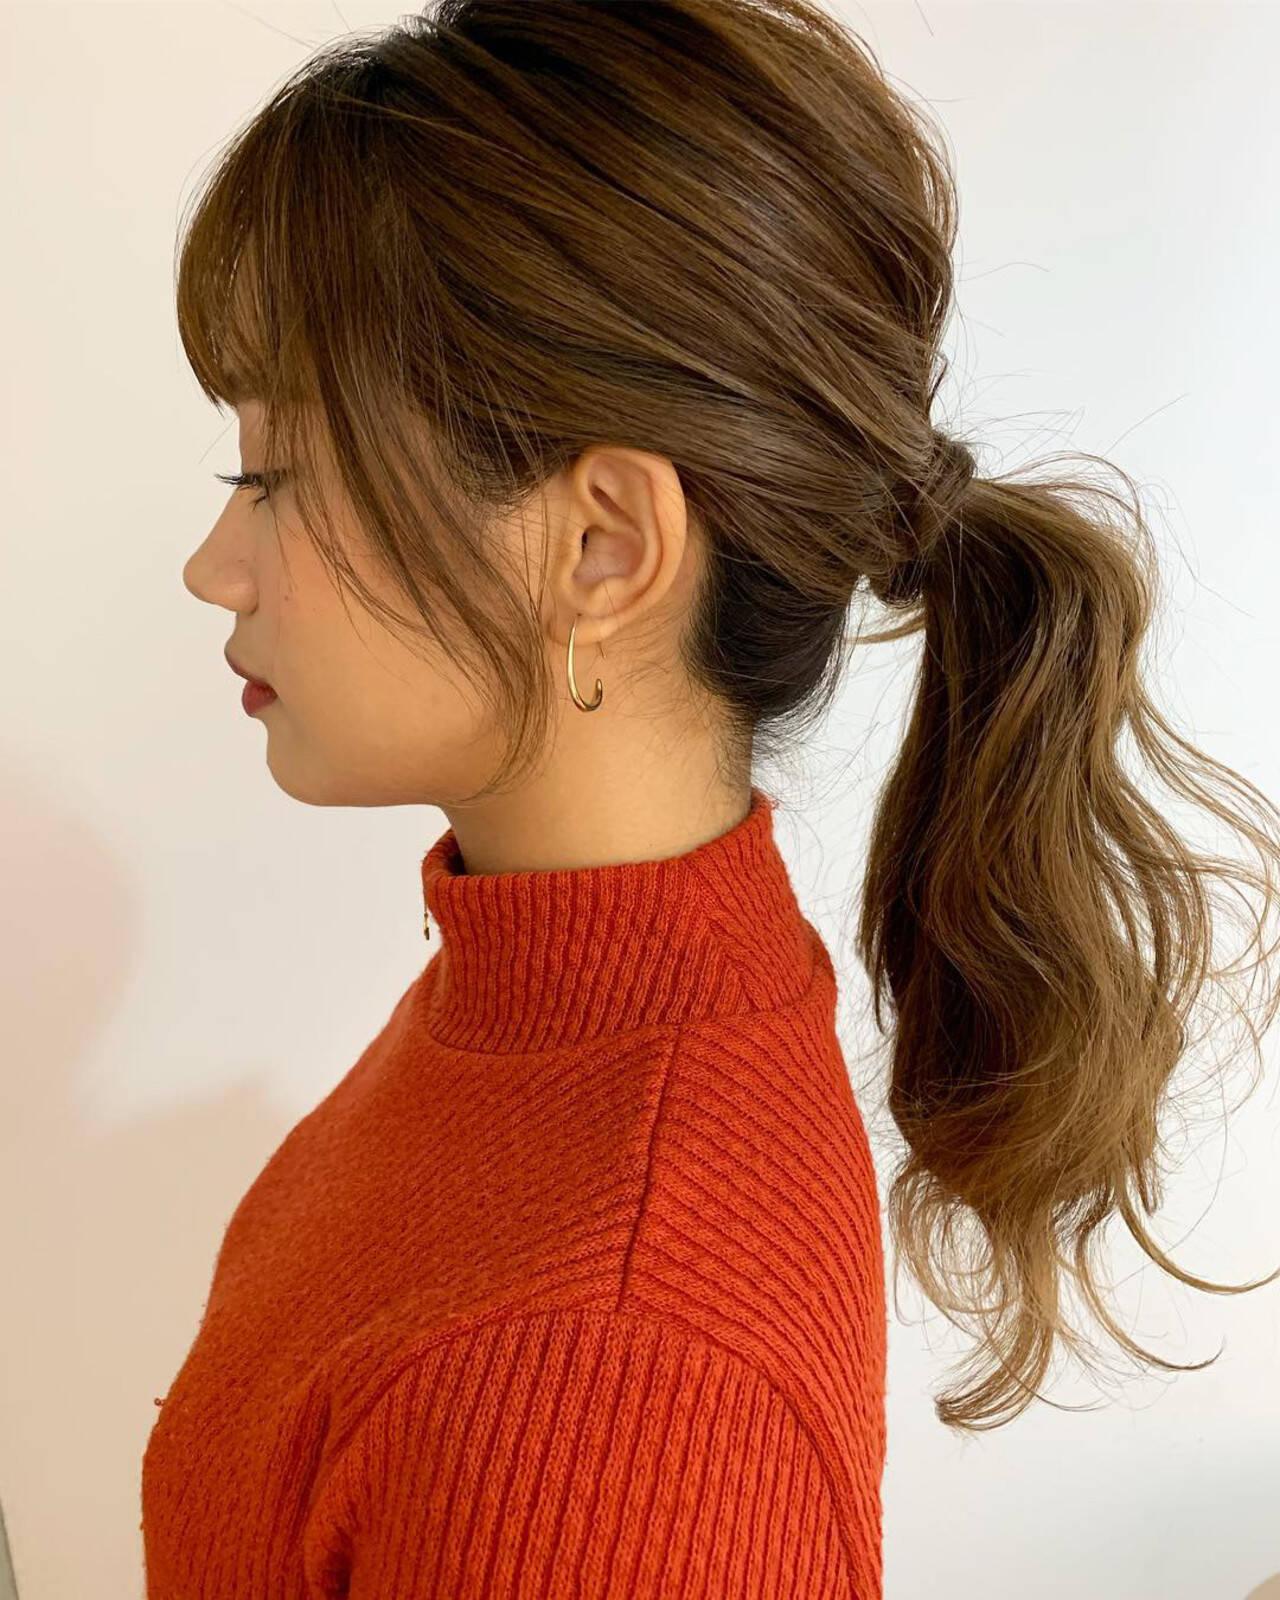 ナチュラル ヘアアレンジ 簡単ヘアアレンジ ローポニーテールヘアスタイルや髪型の写真・画像